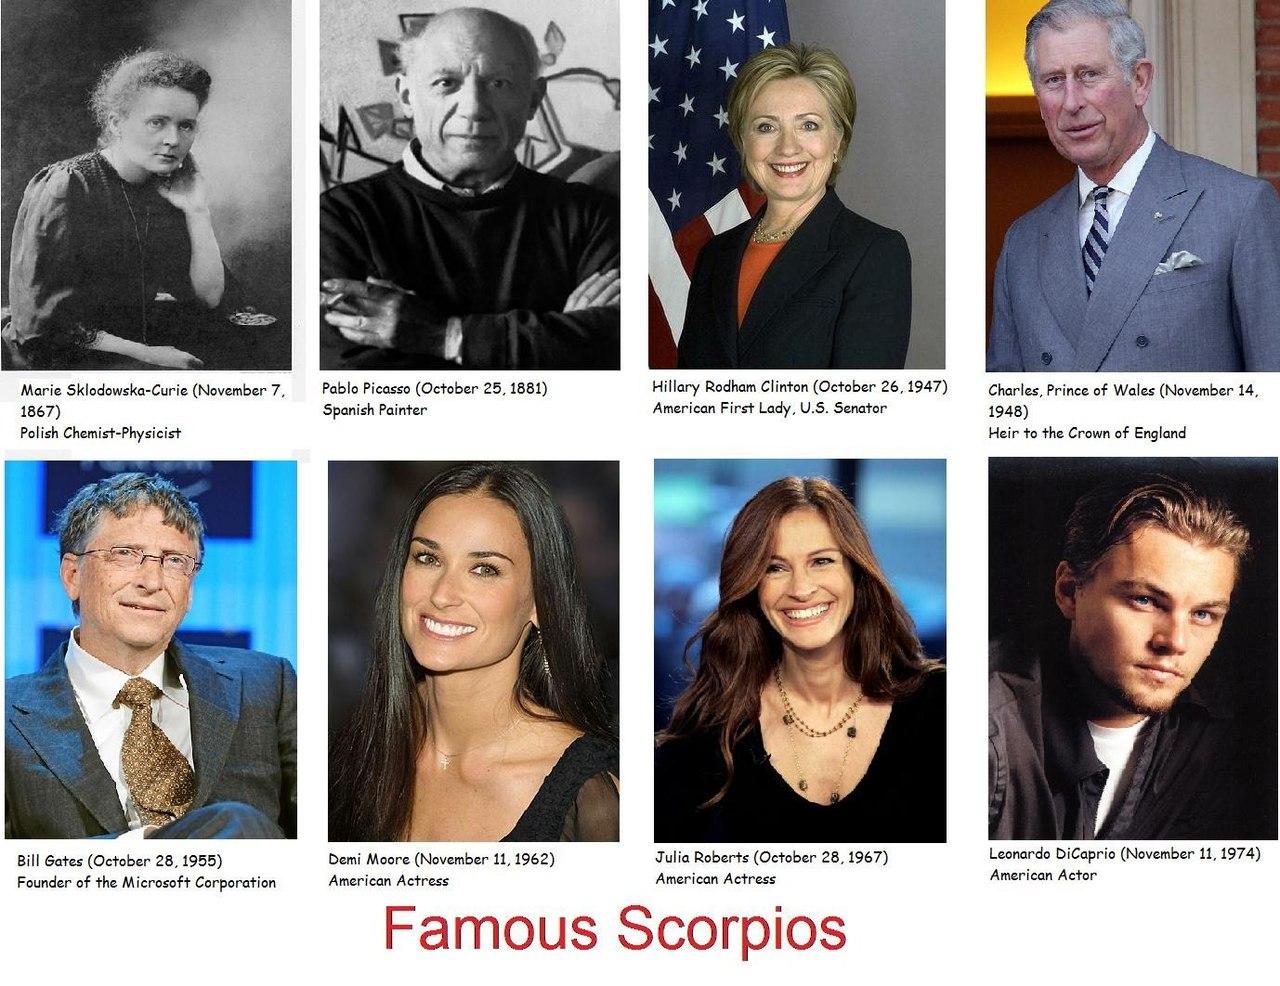 Люди скорпиона знаком известные под